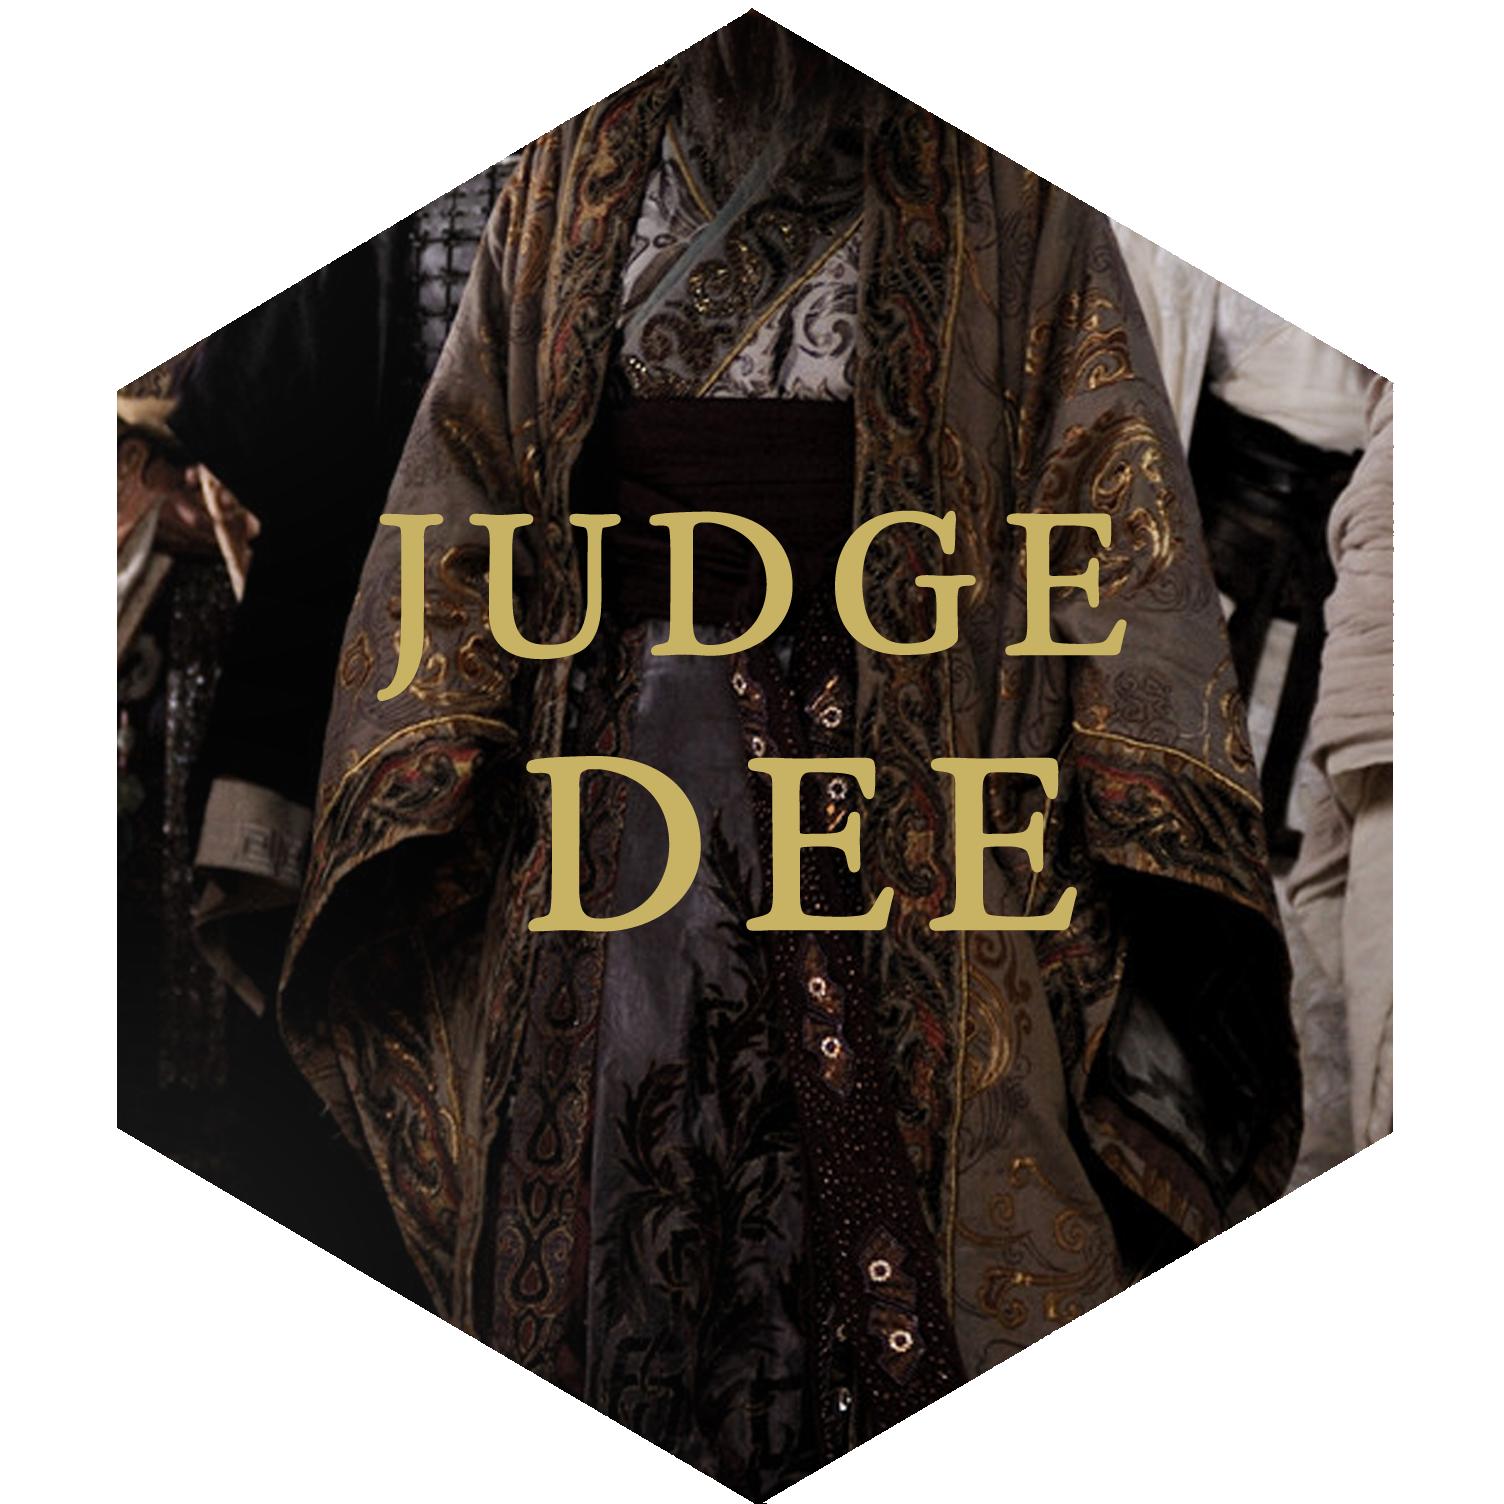 Judge Dee